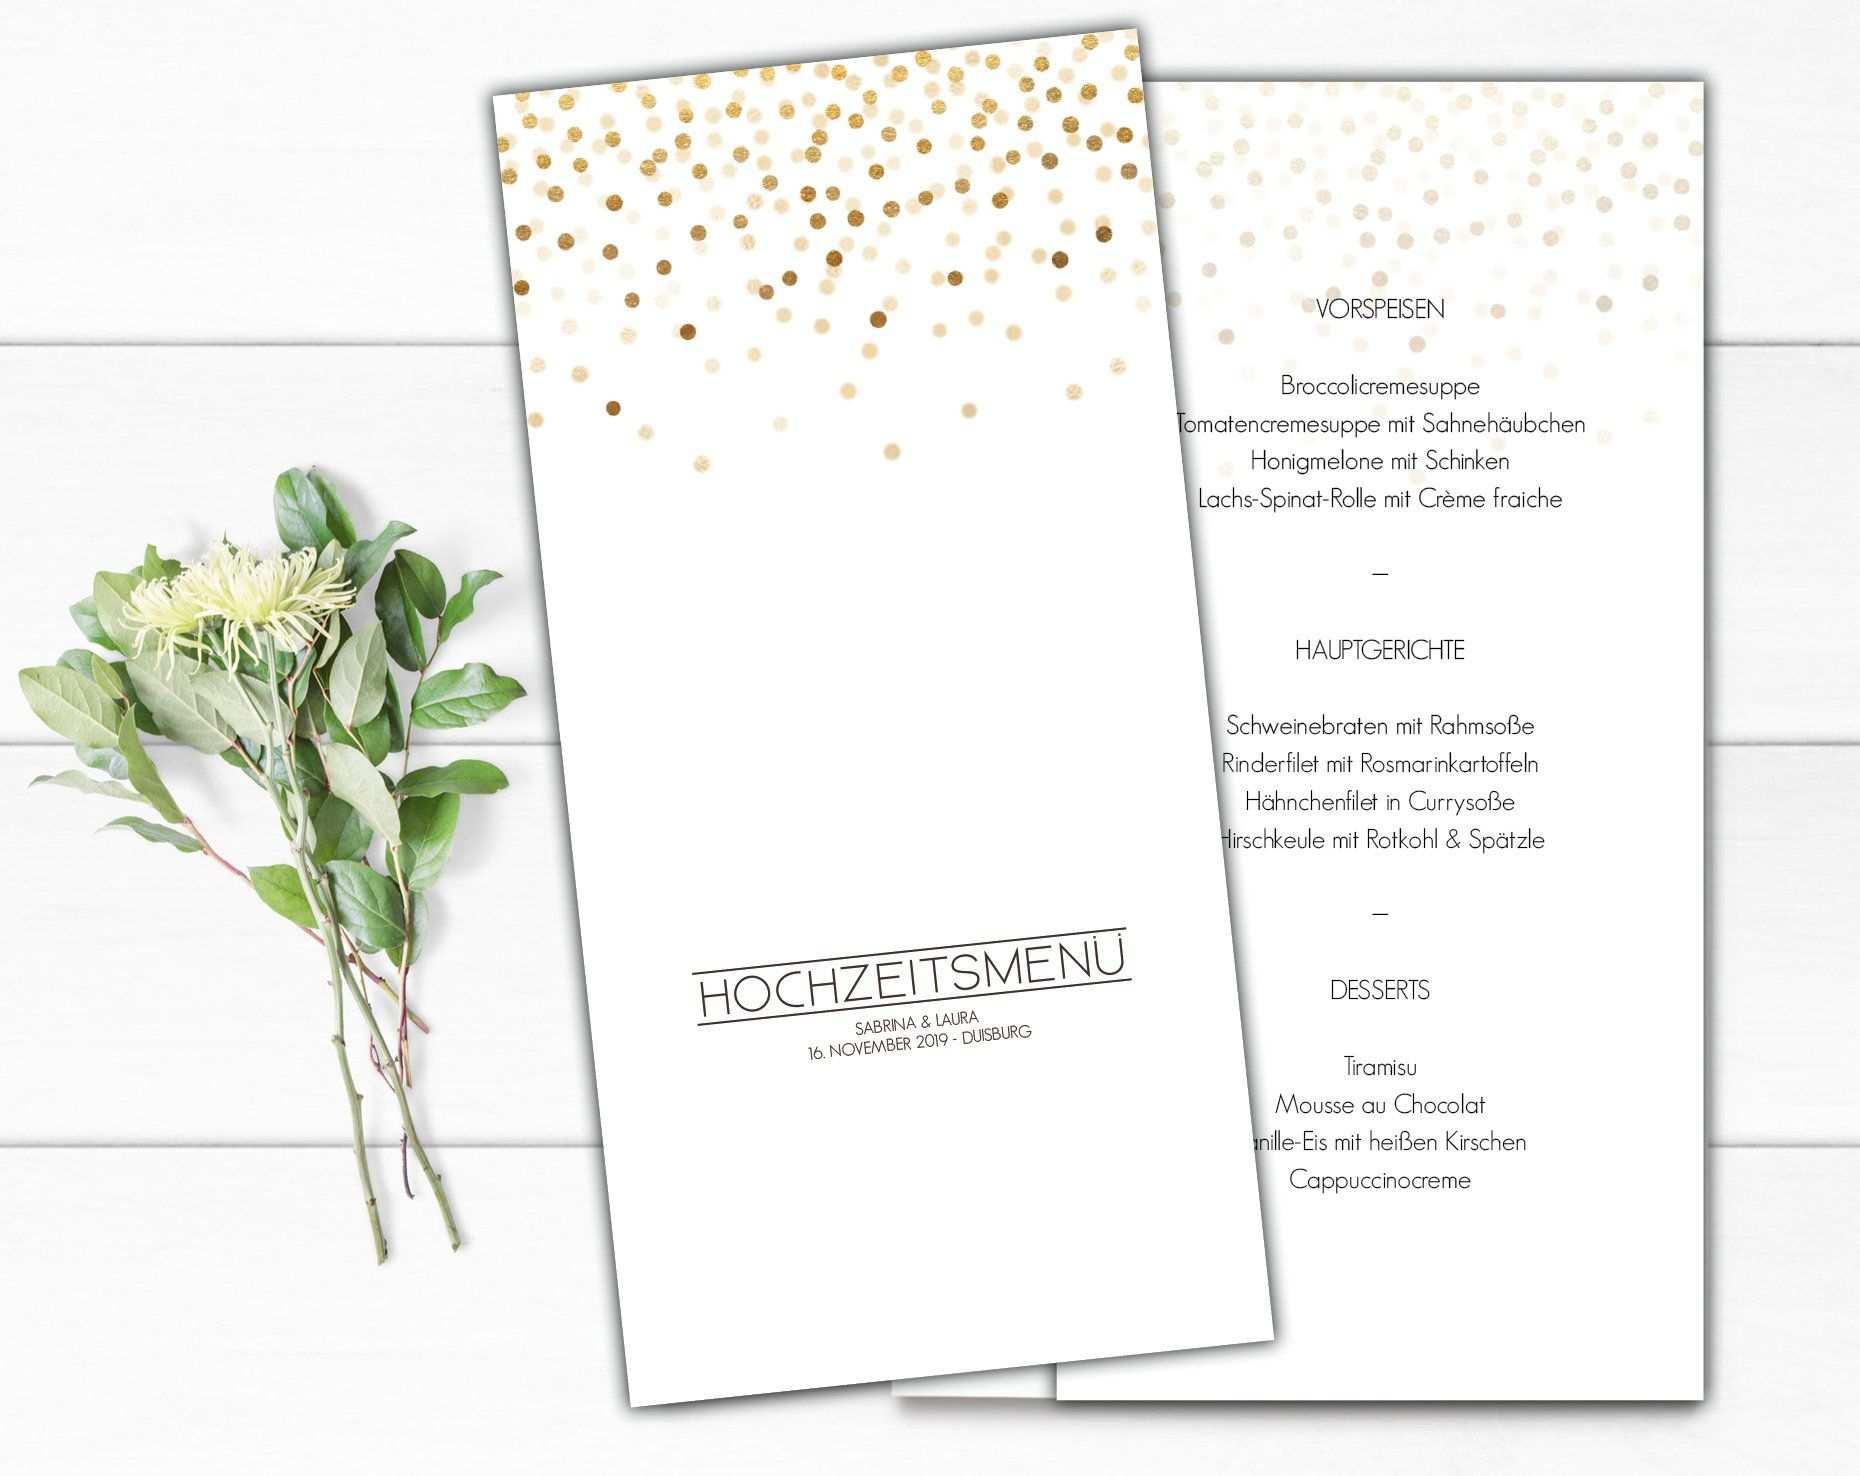 Menukarte Hochzeit Getrankekarte Hochzeit Buffetkarte Hochzeit